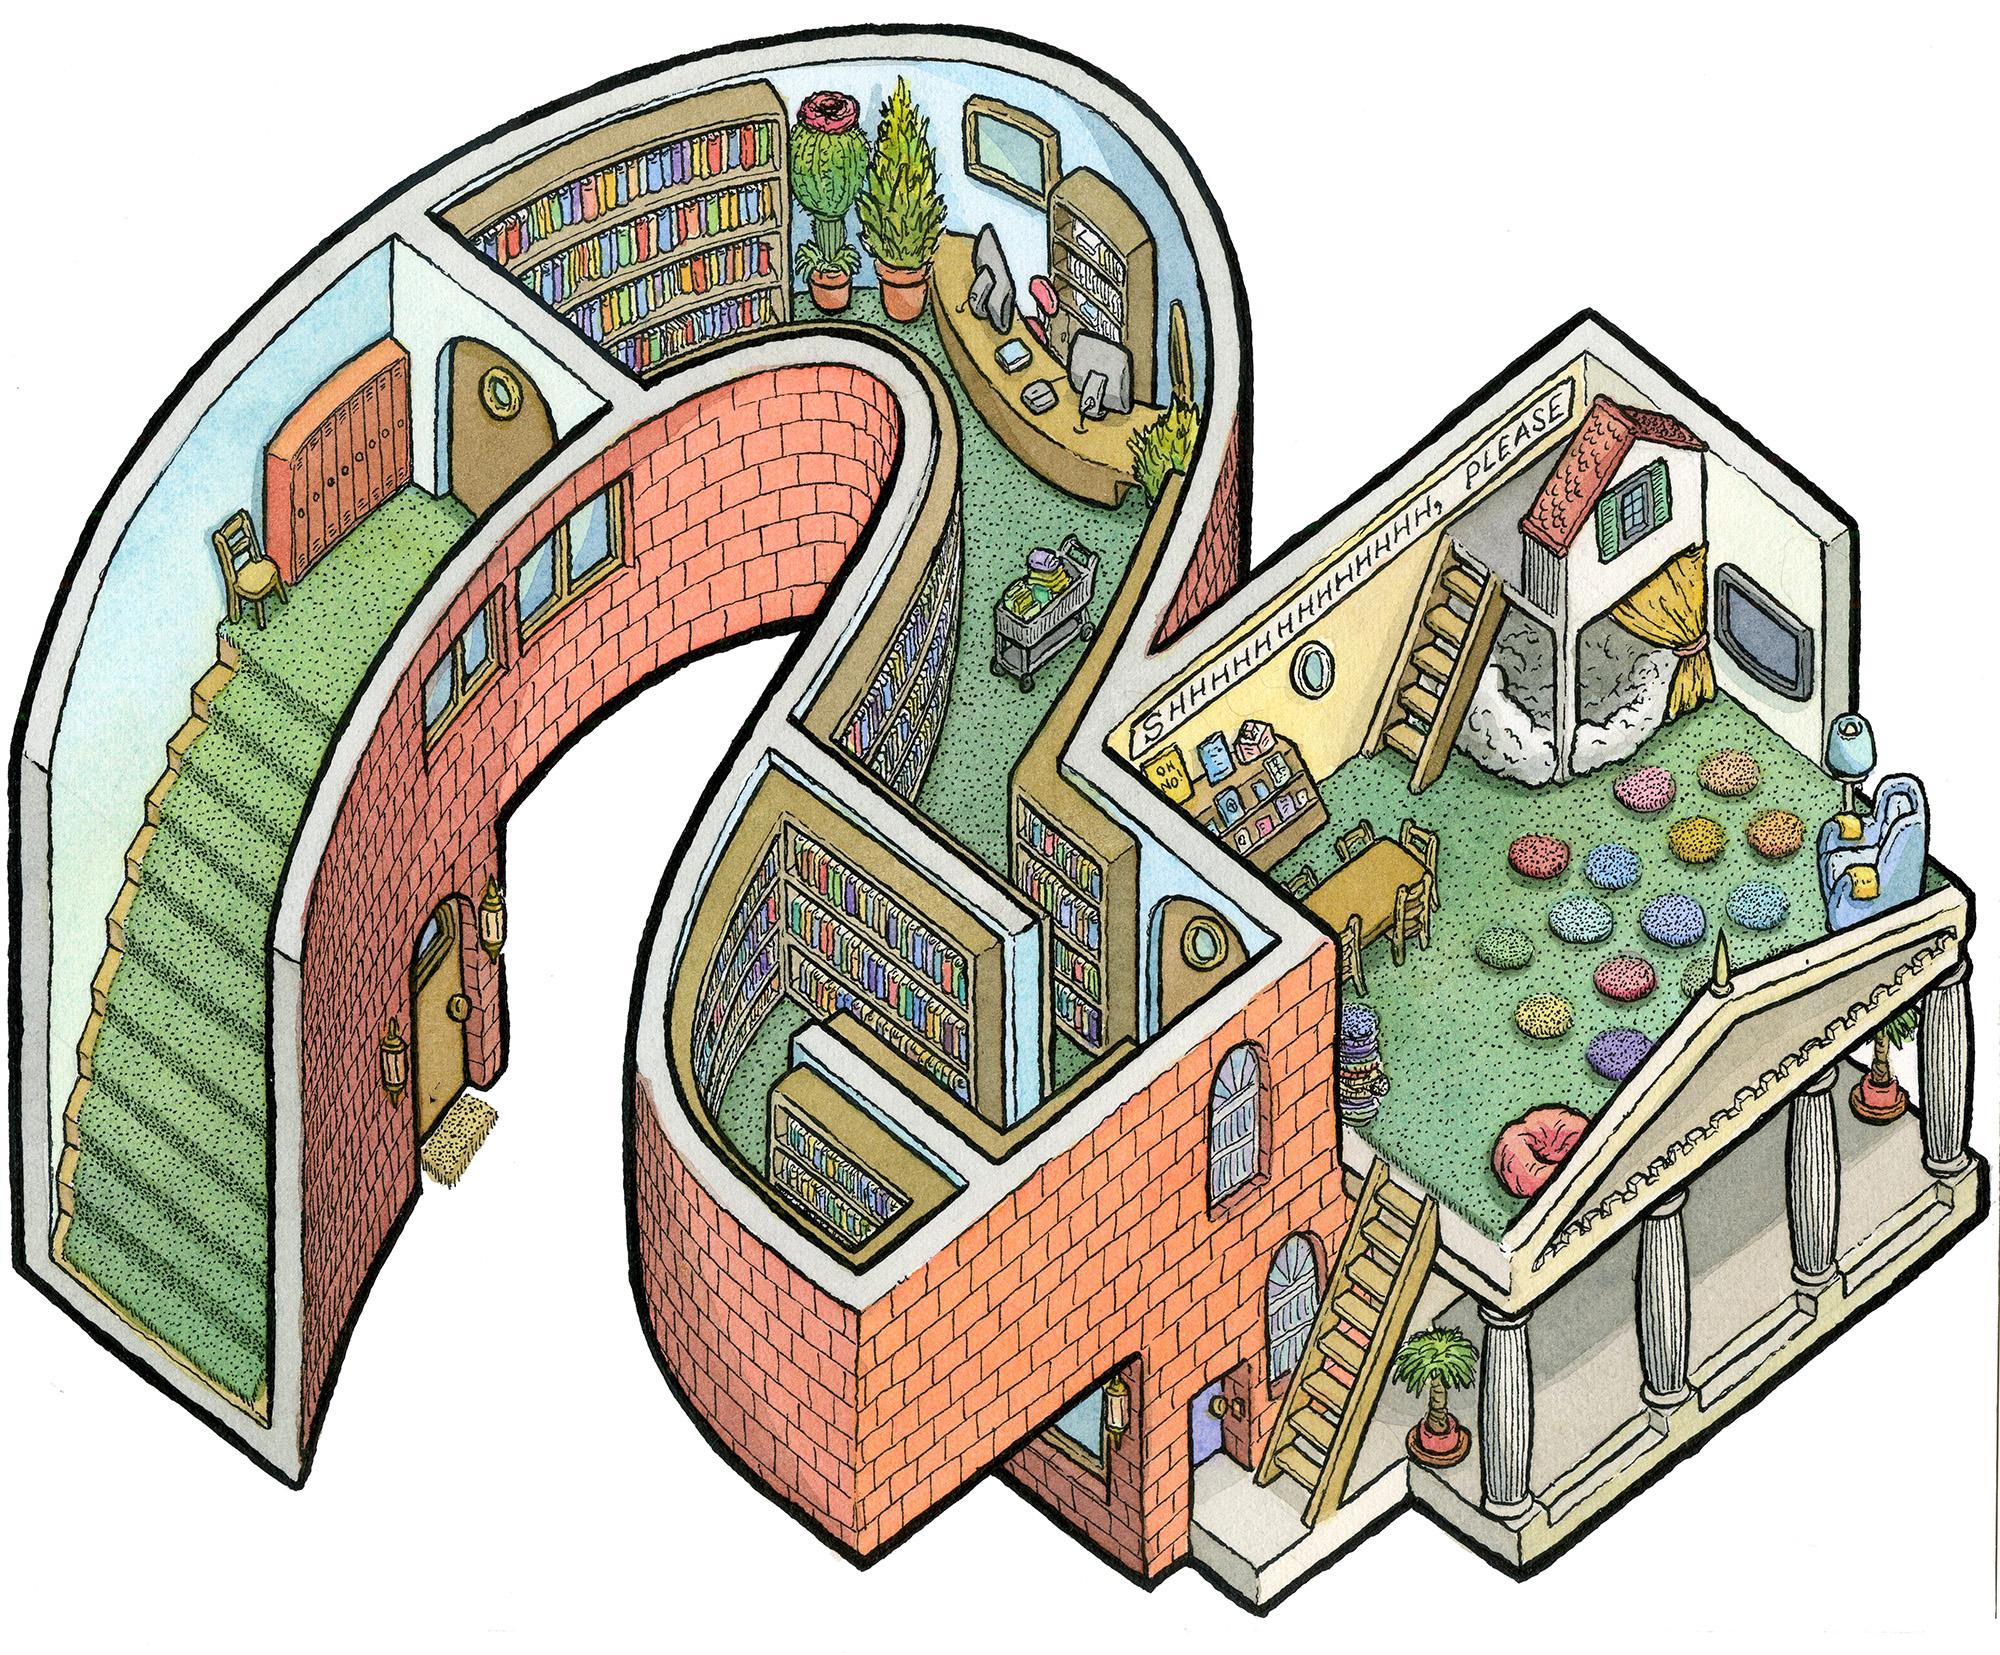 2: Lending Library